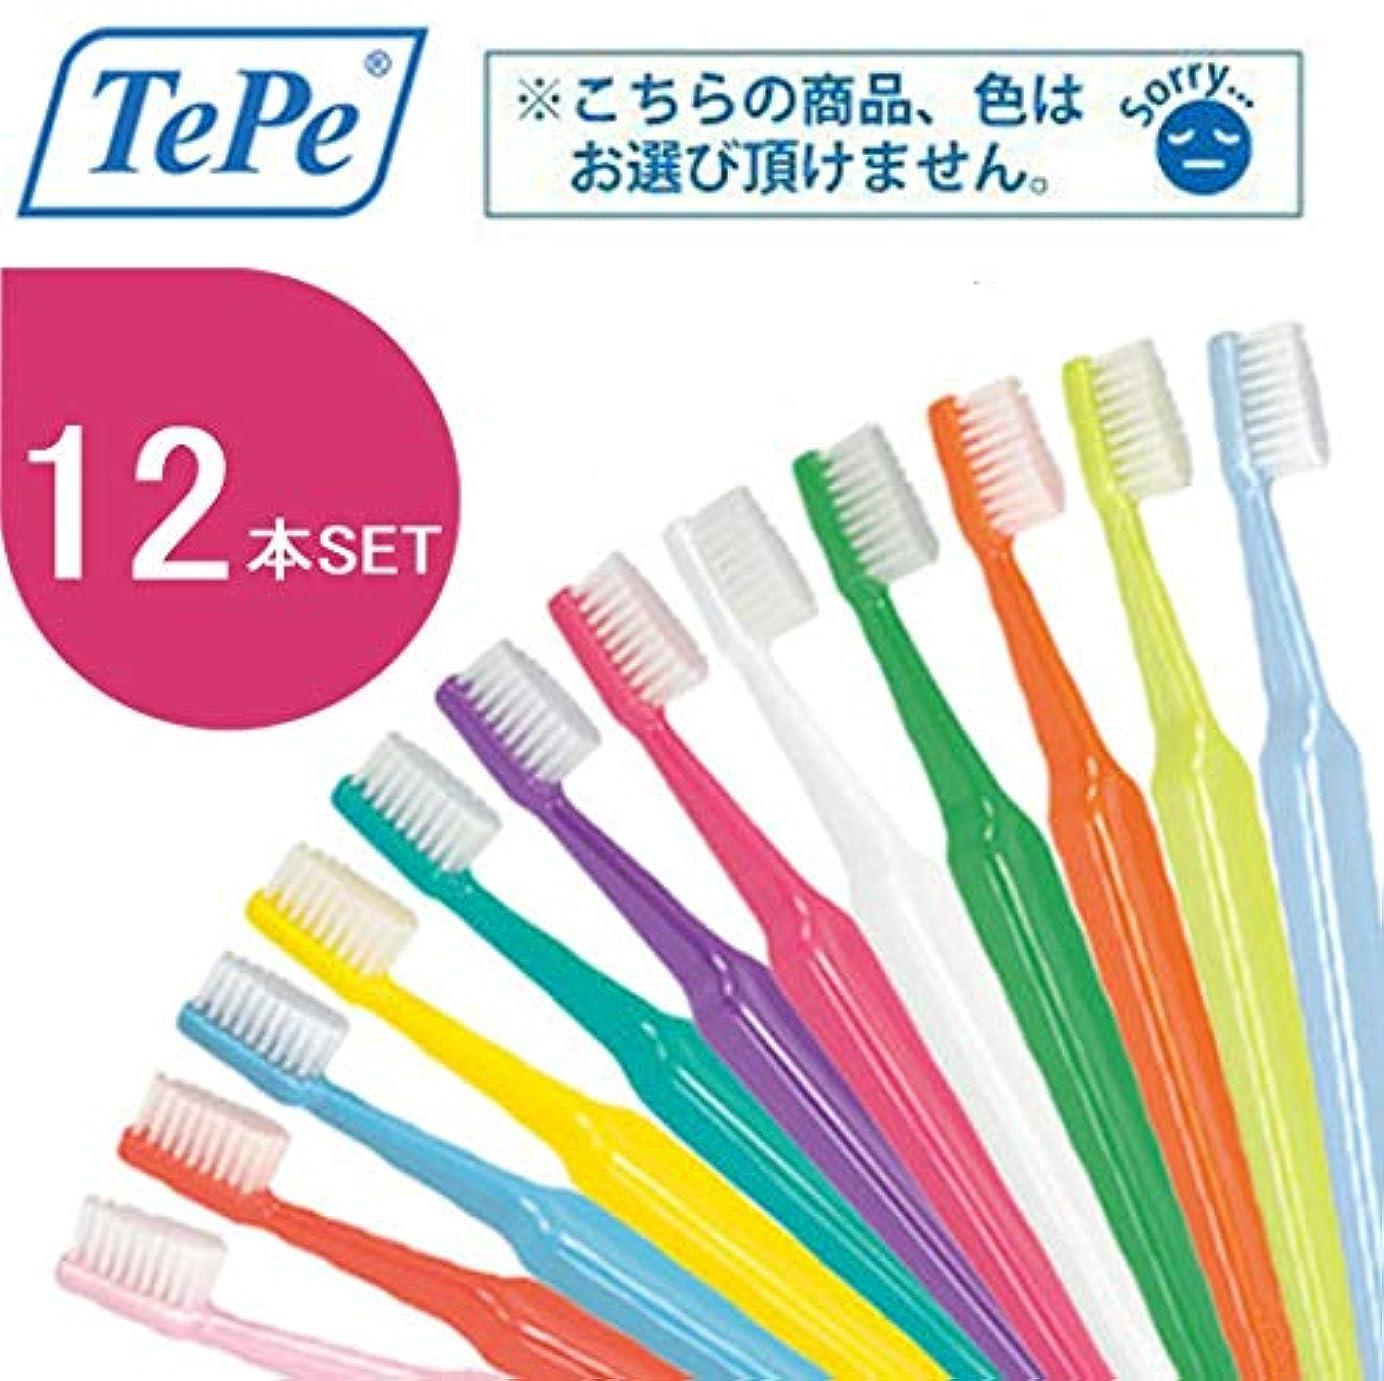 原油間違えたグレートオーククロスフィールド TePe テペ セレクト 歯ブラシ 12本 (エクストラソフト)